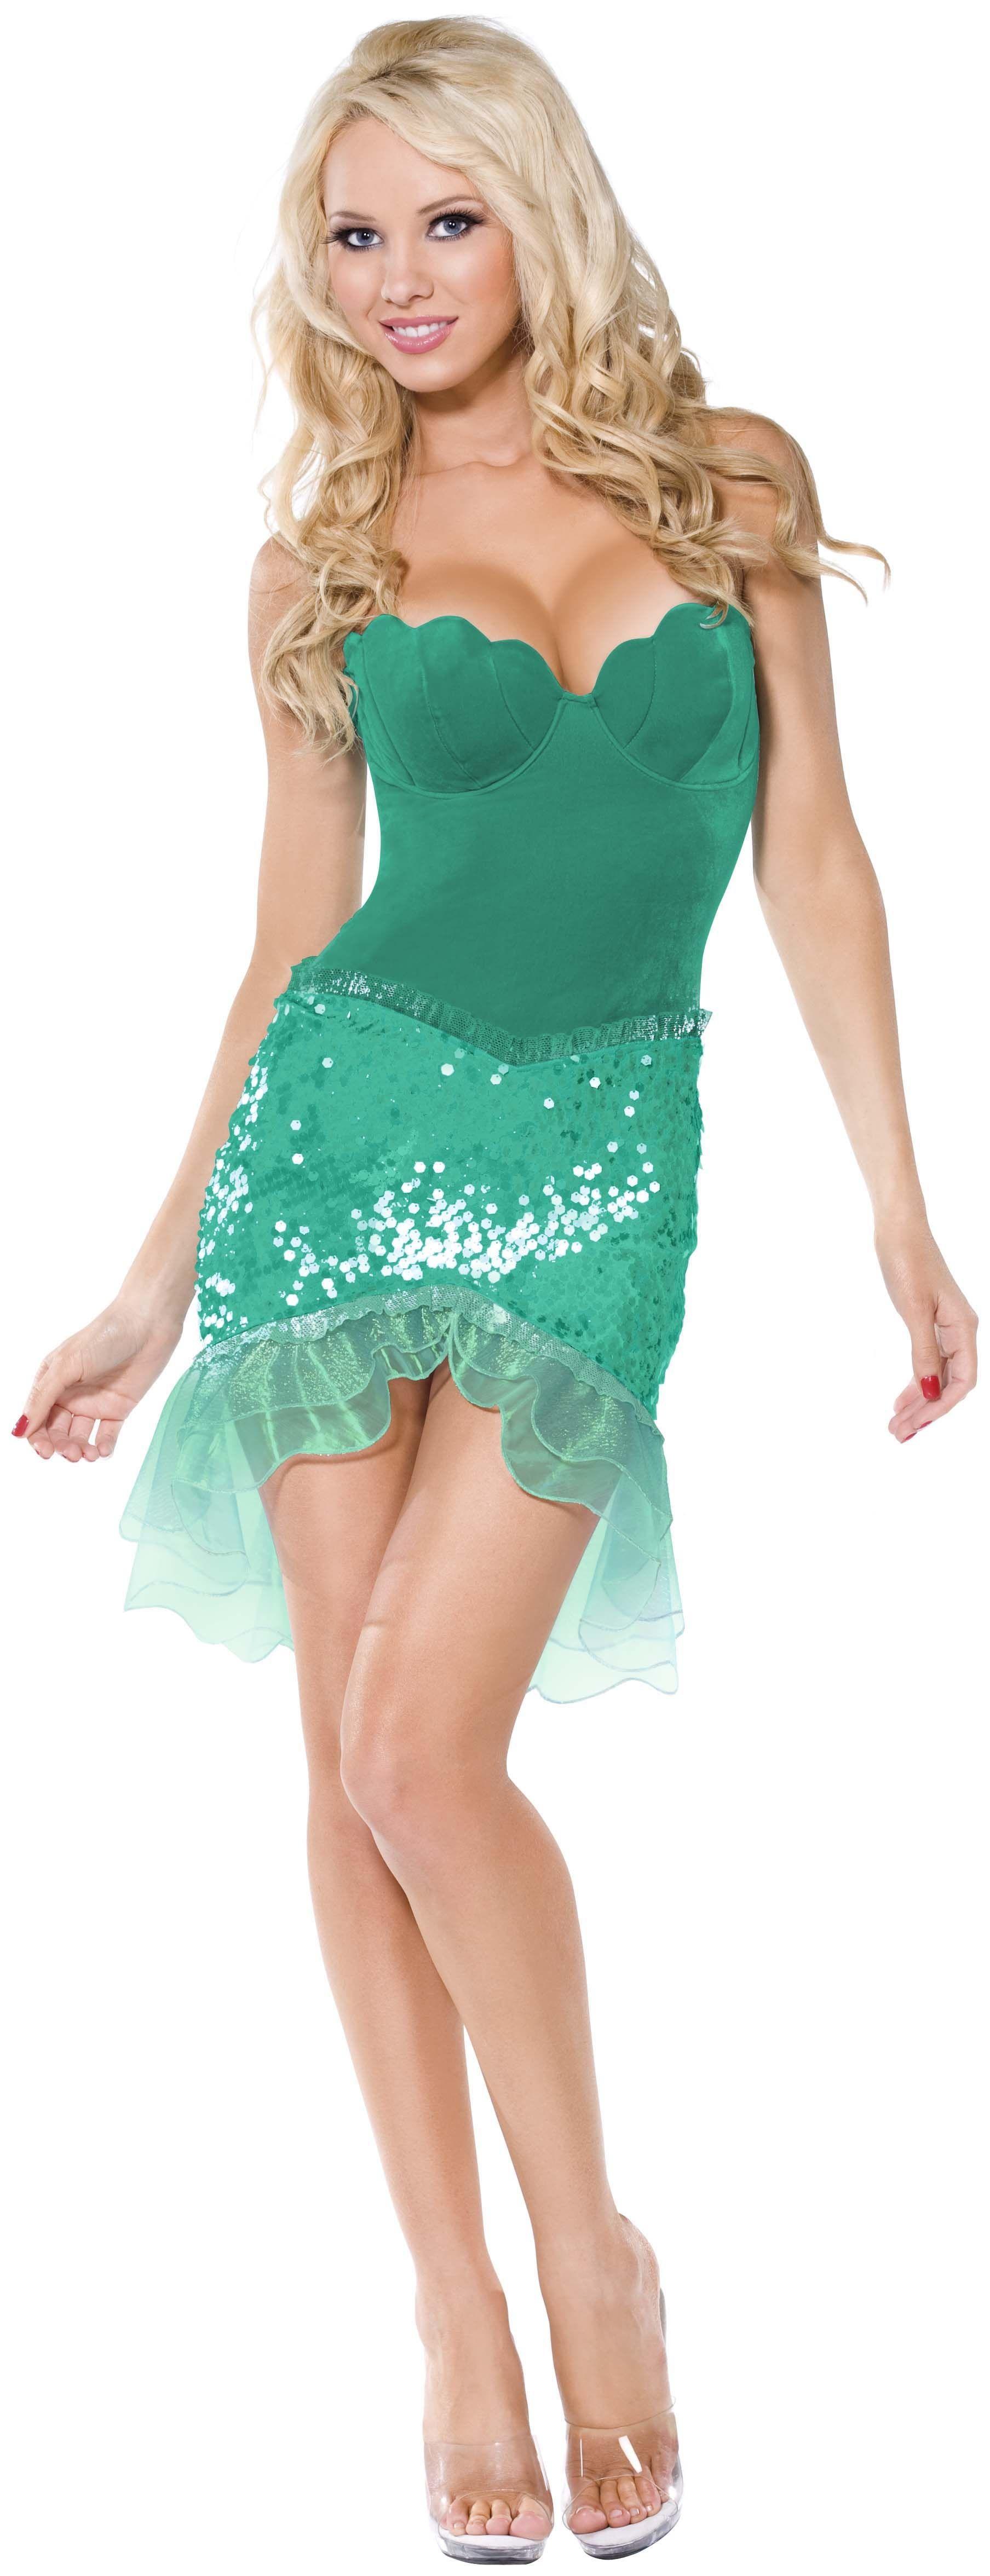 Мини-платье русалочки (40) от Vkostume